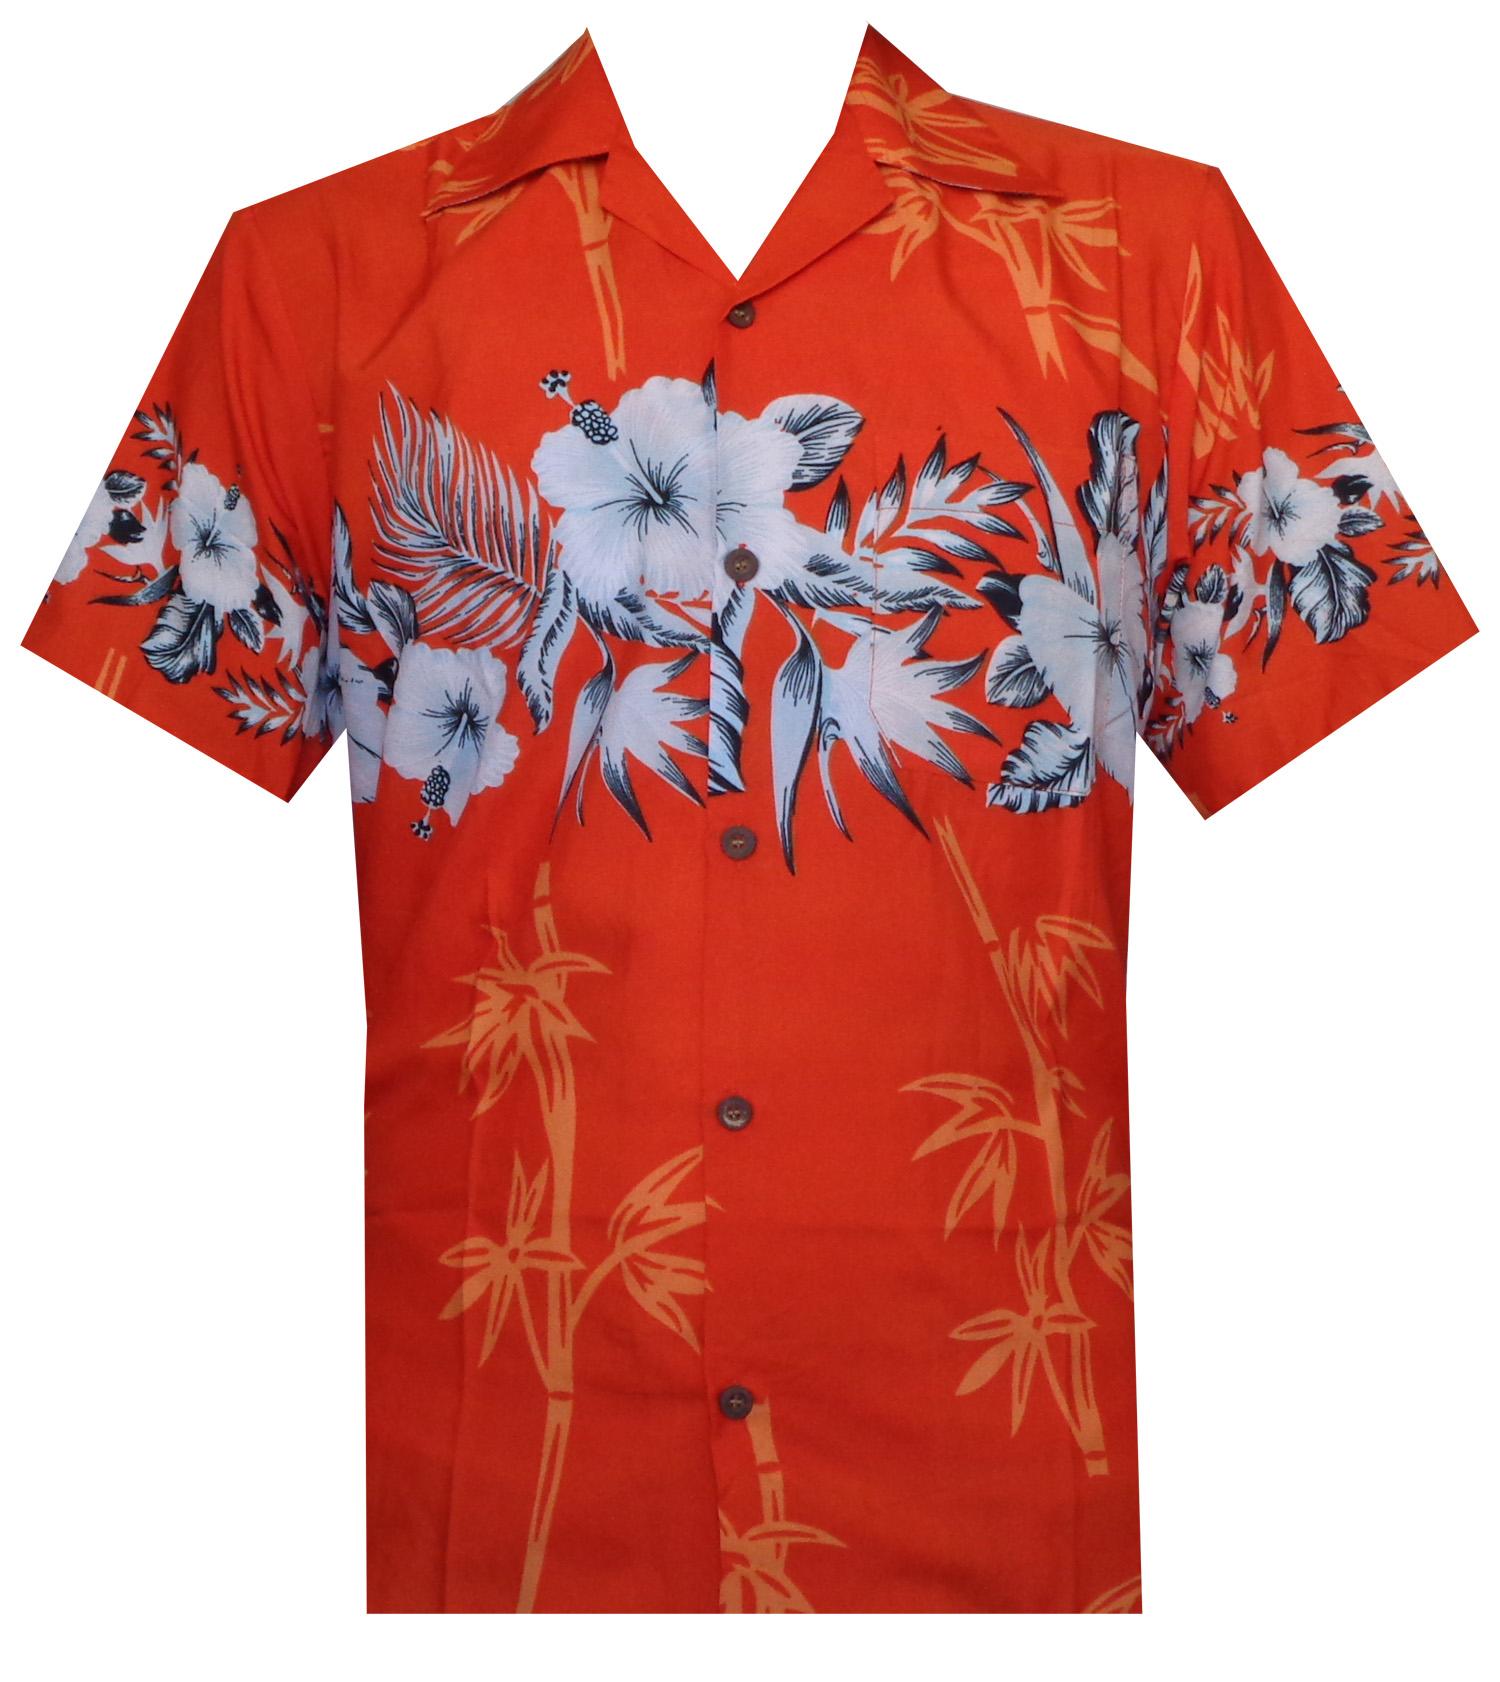 Hawaiian-Shirts-Mens-Bamboo-Tree-Print-Beach-Aloha-Party-Holiday thumbnail 3